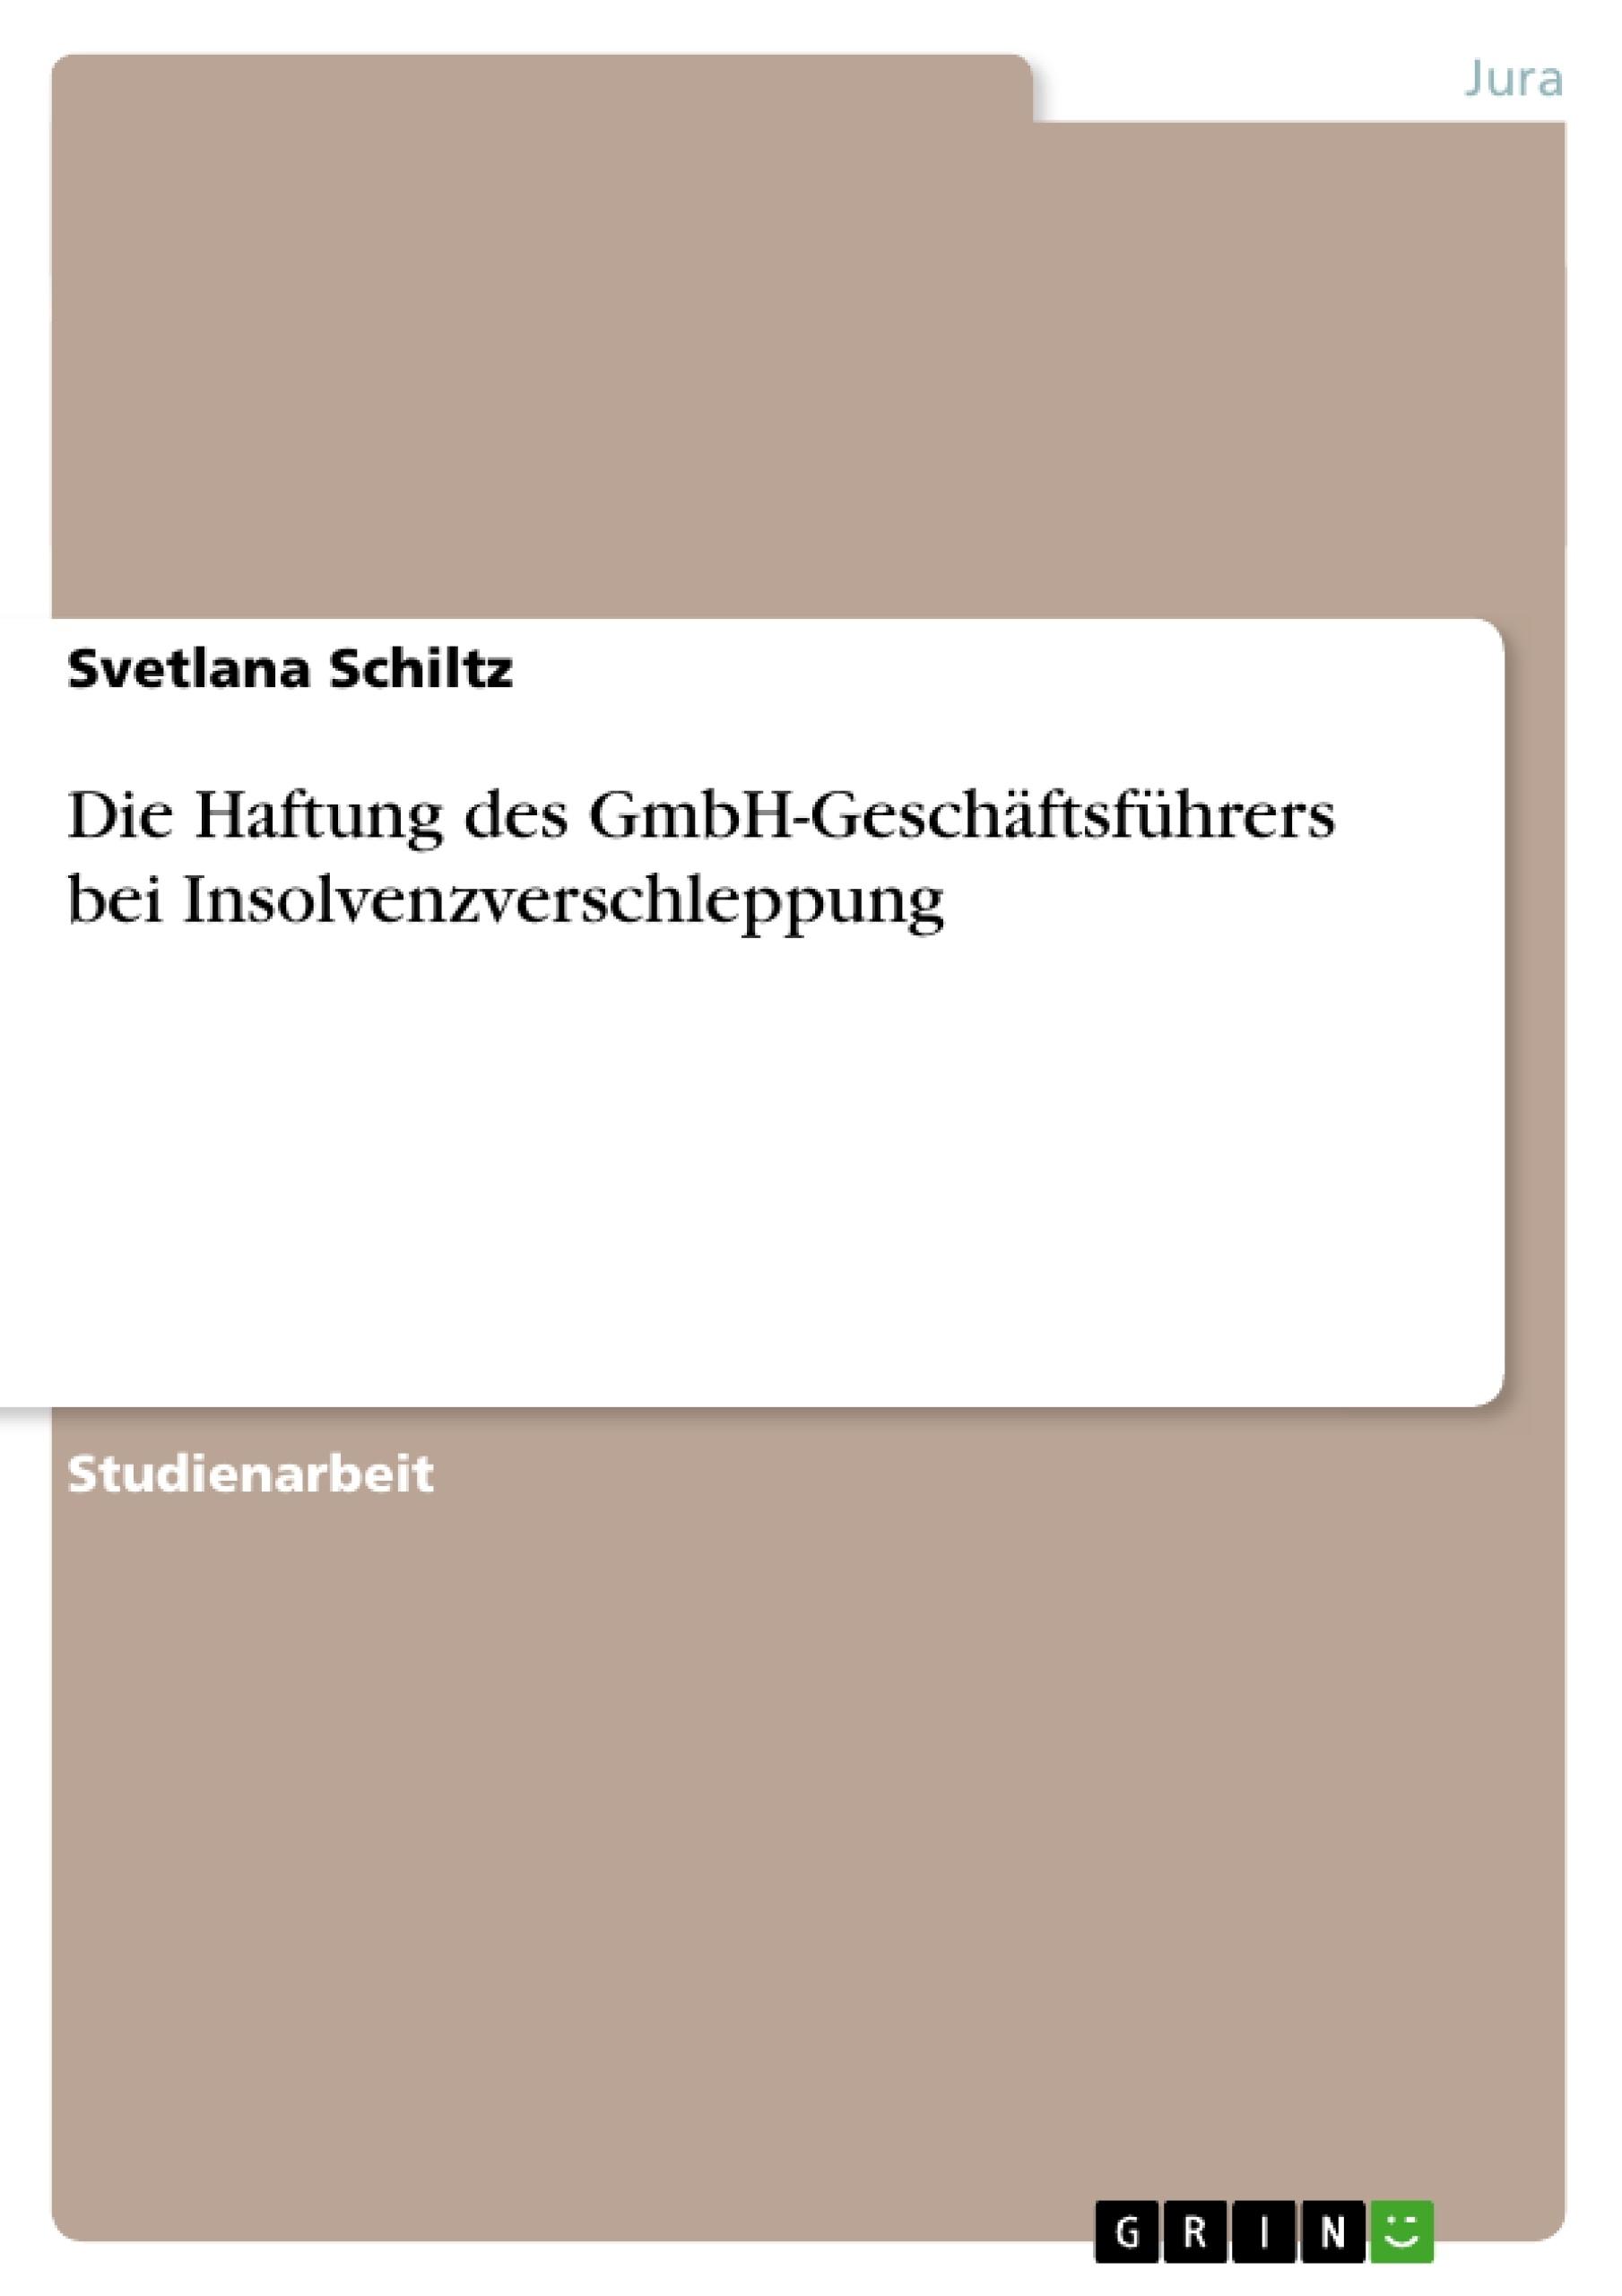 Titel: Die Haftung des GmbH-Geschäftsführers bei Insolvenzverschleppung